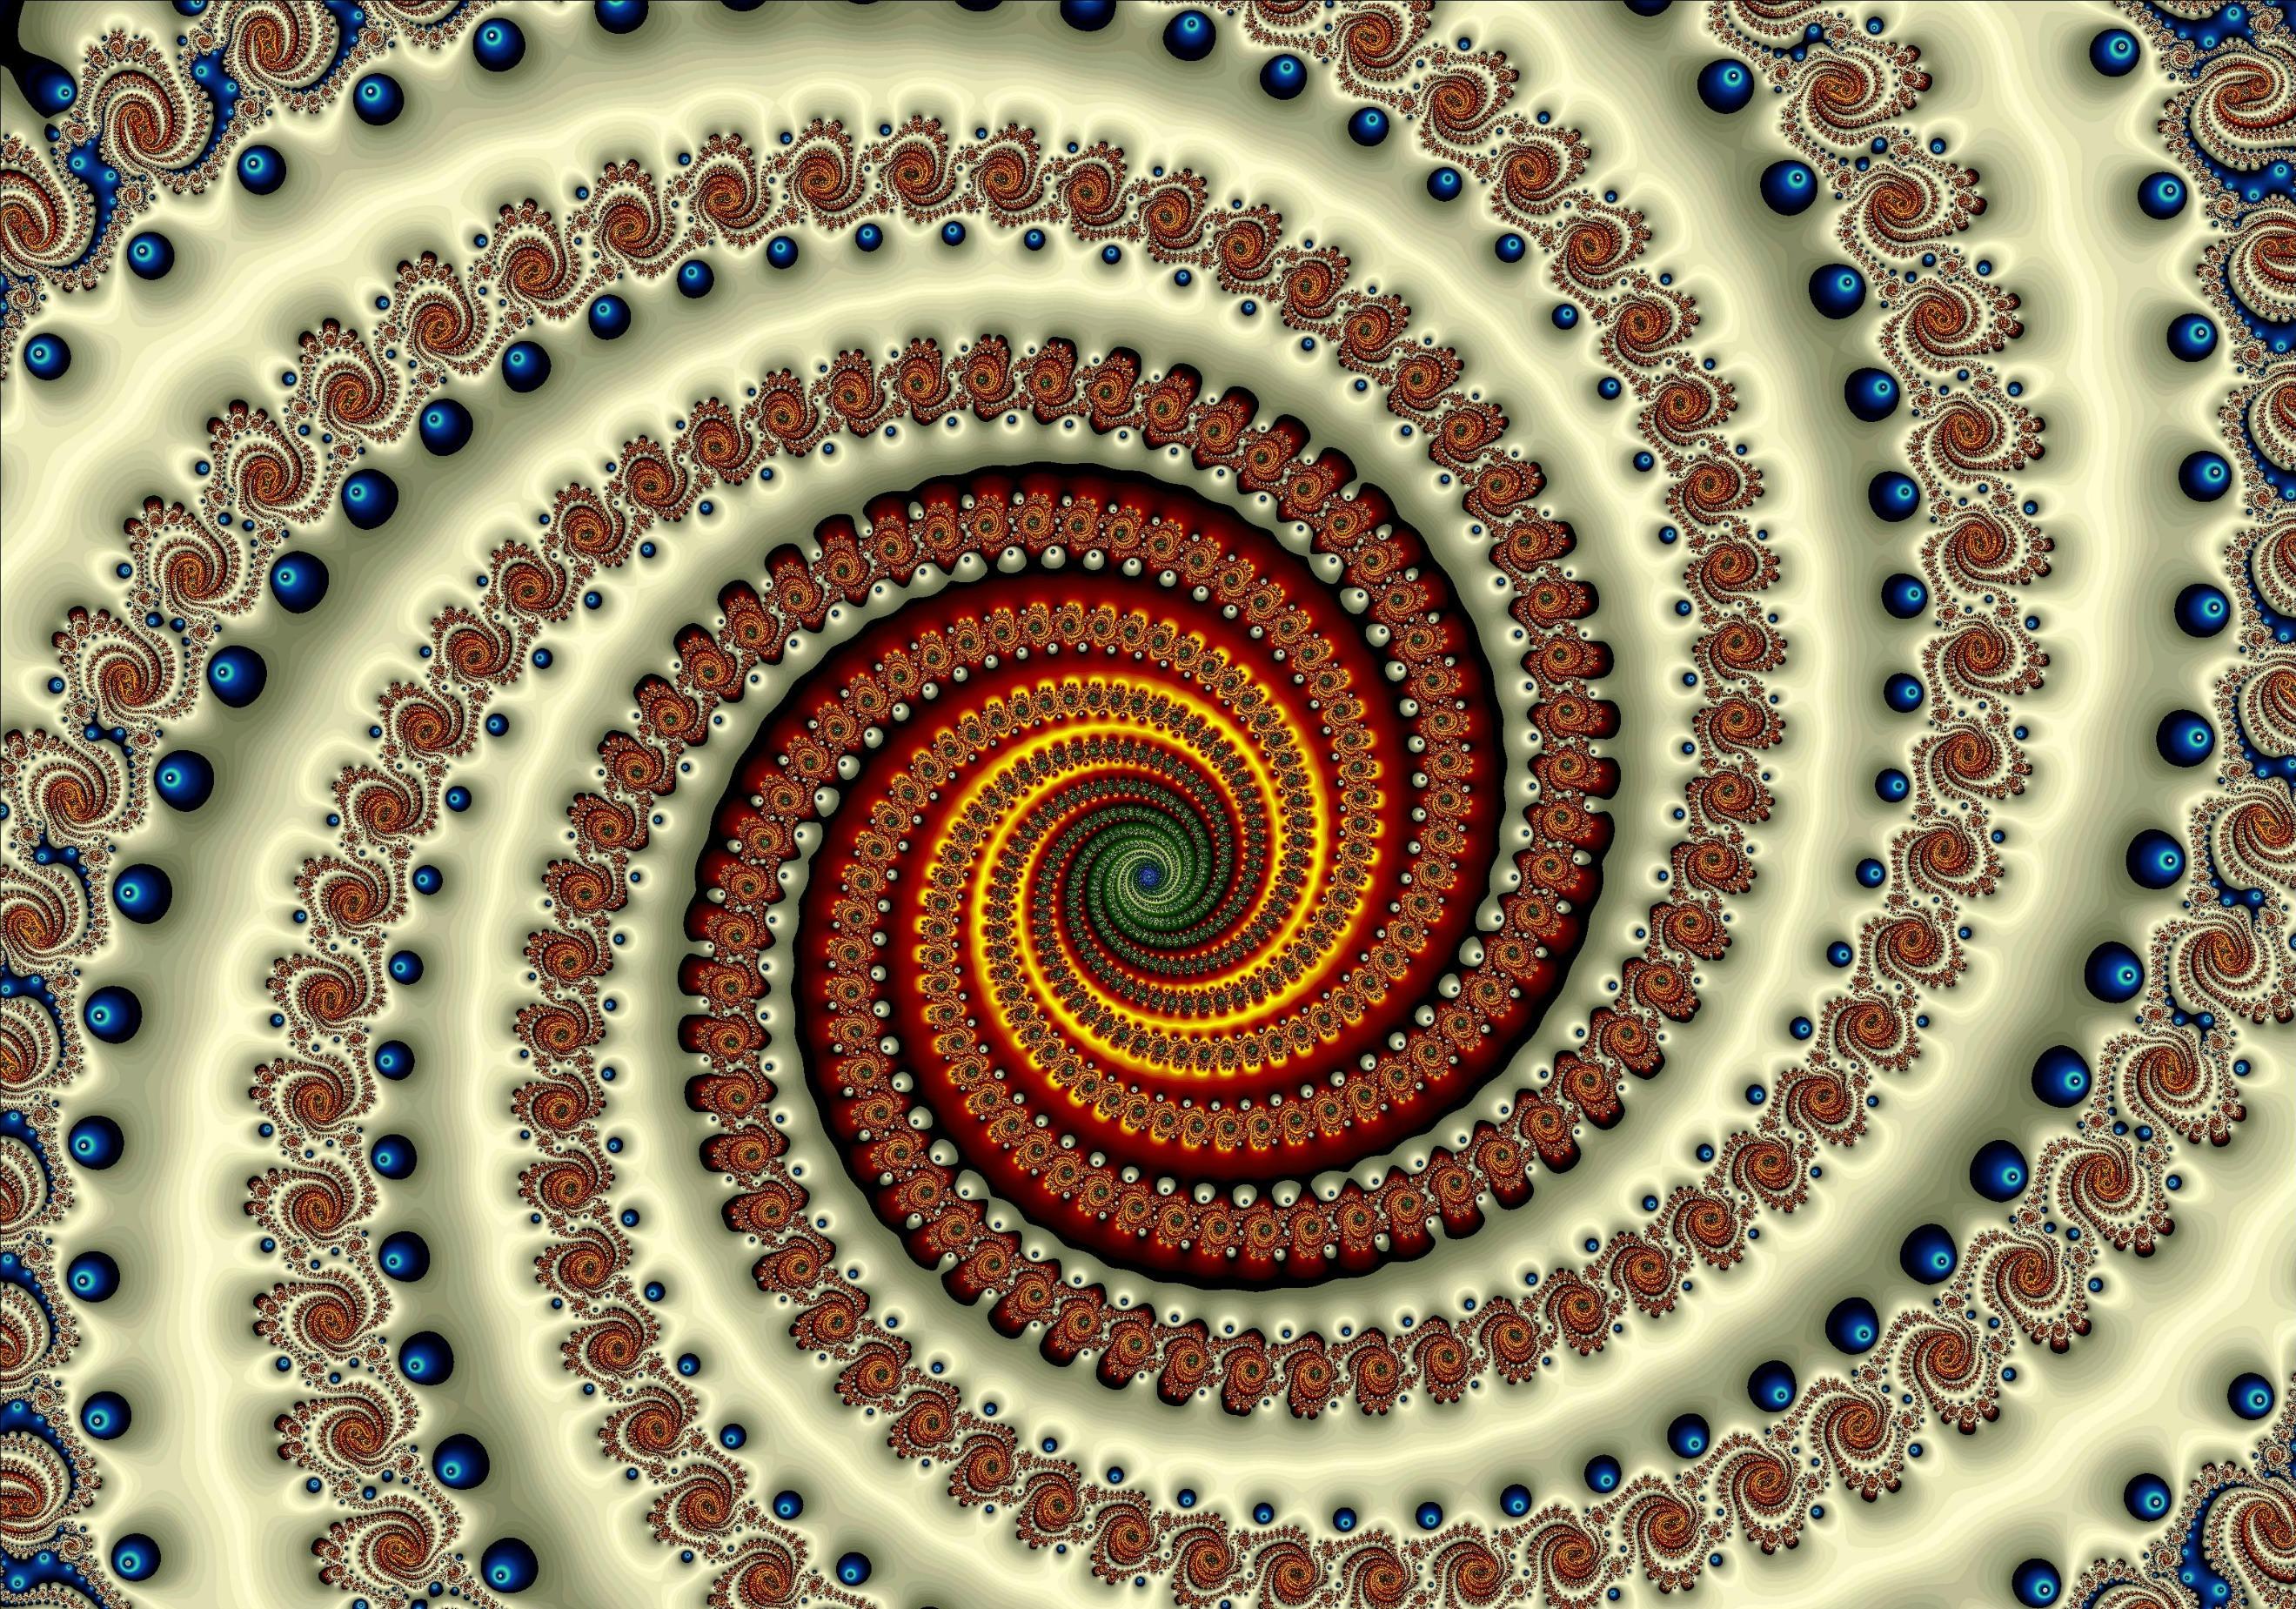 Mandala Art Wallpaper